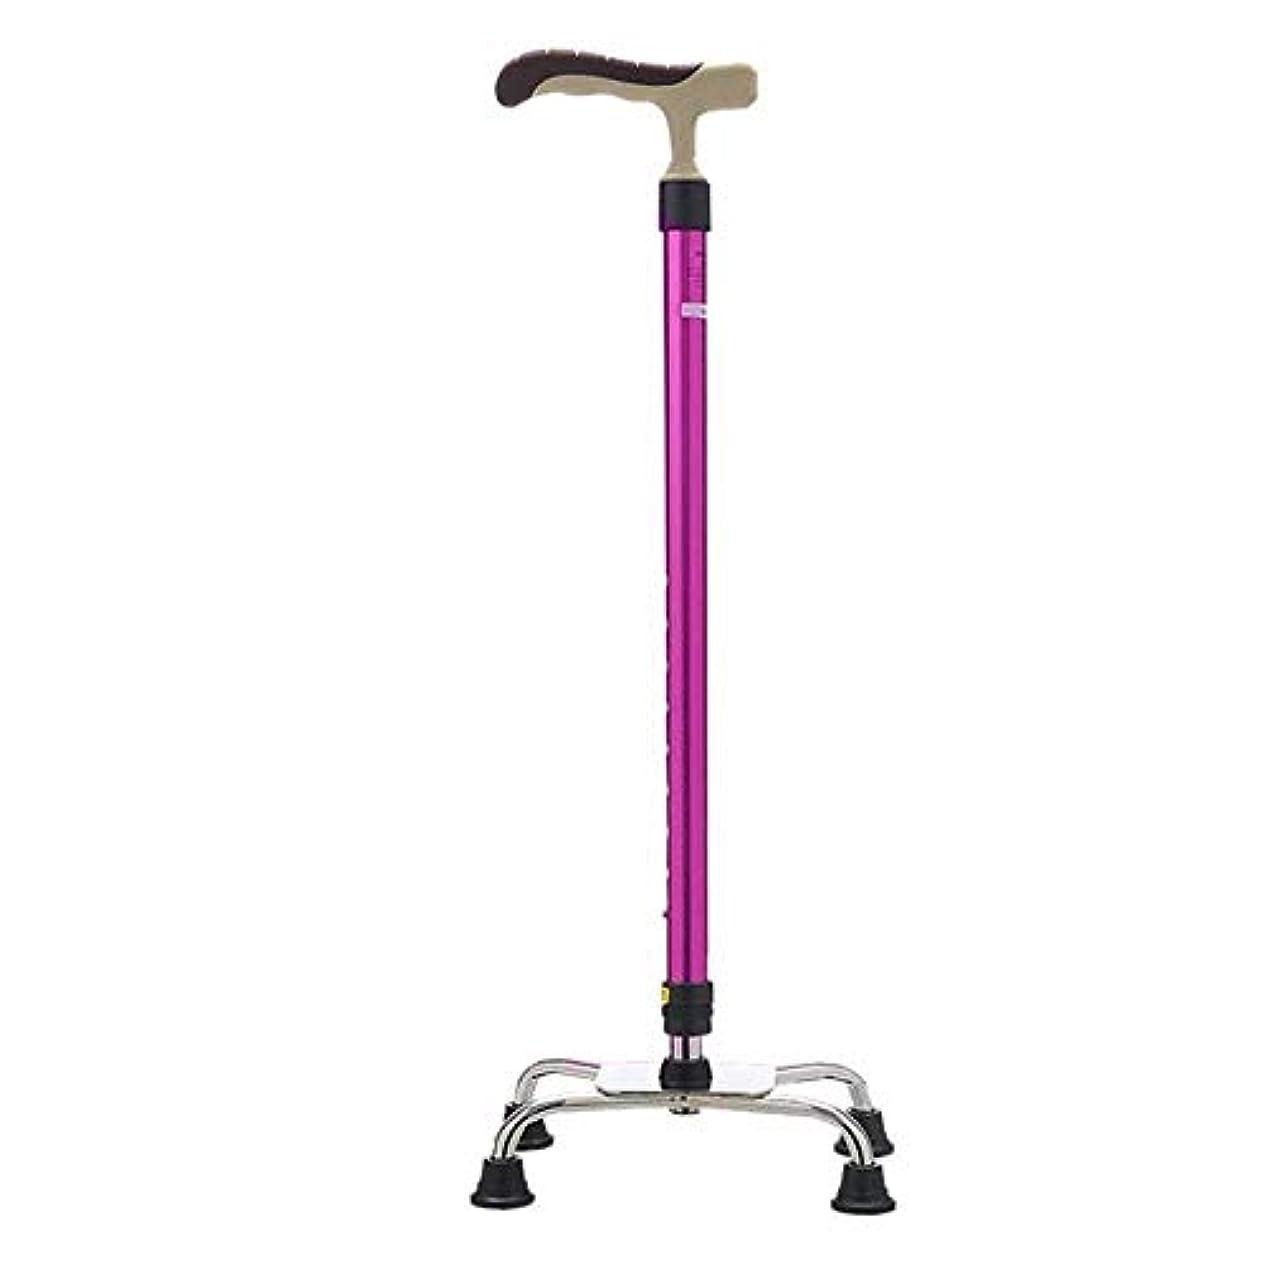 乱気流レタッチハードスポンジ人間工学的ハンドル、4本の滑り止め滑り止めベース、9つの調節可能な高さのレベルが付いている杖松葉杖高齢者の男性や女性のための杖歩行 - ピンク